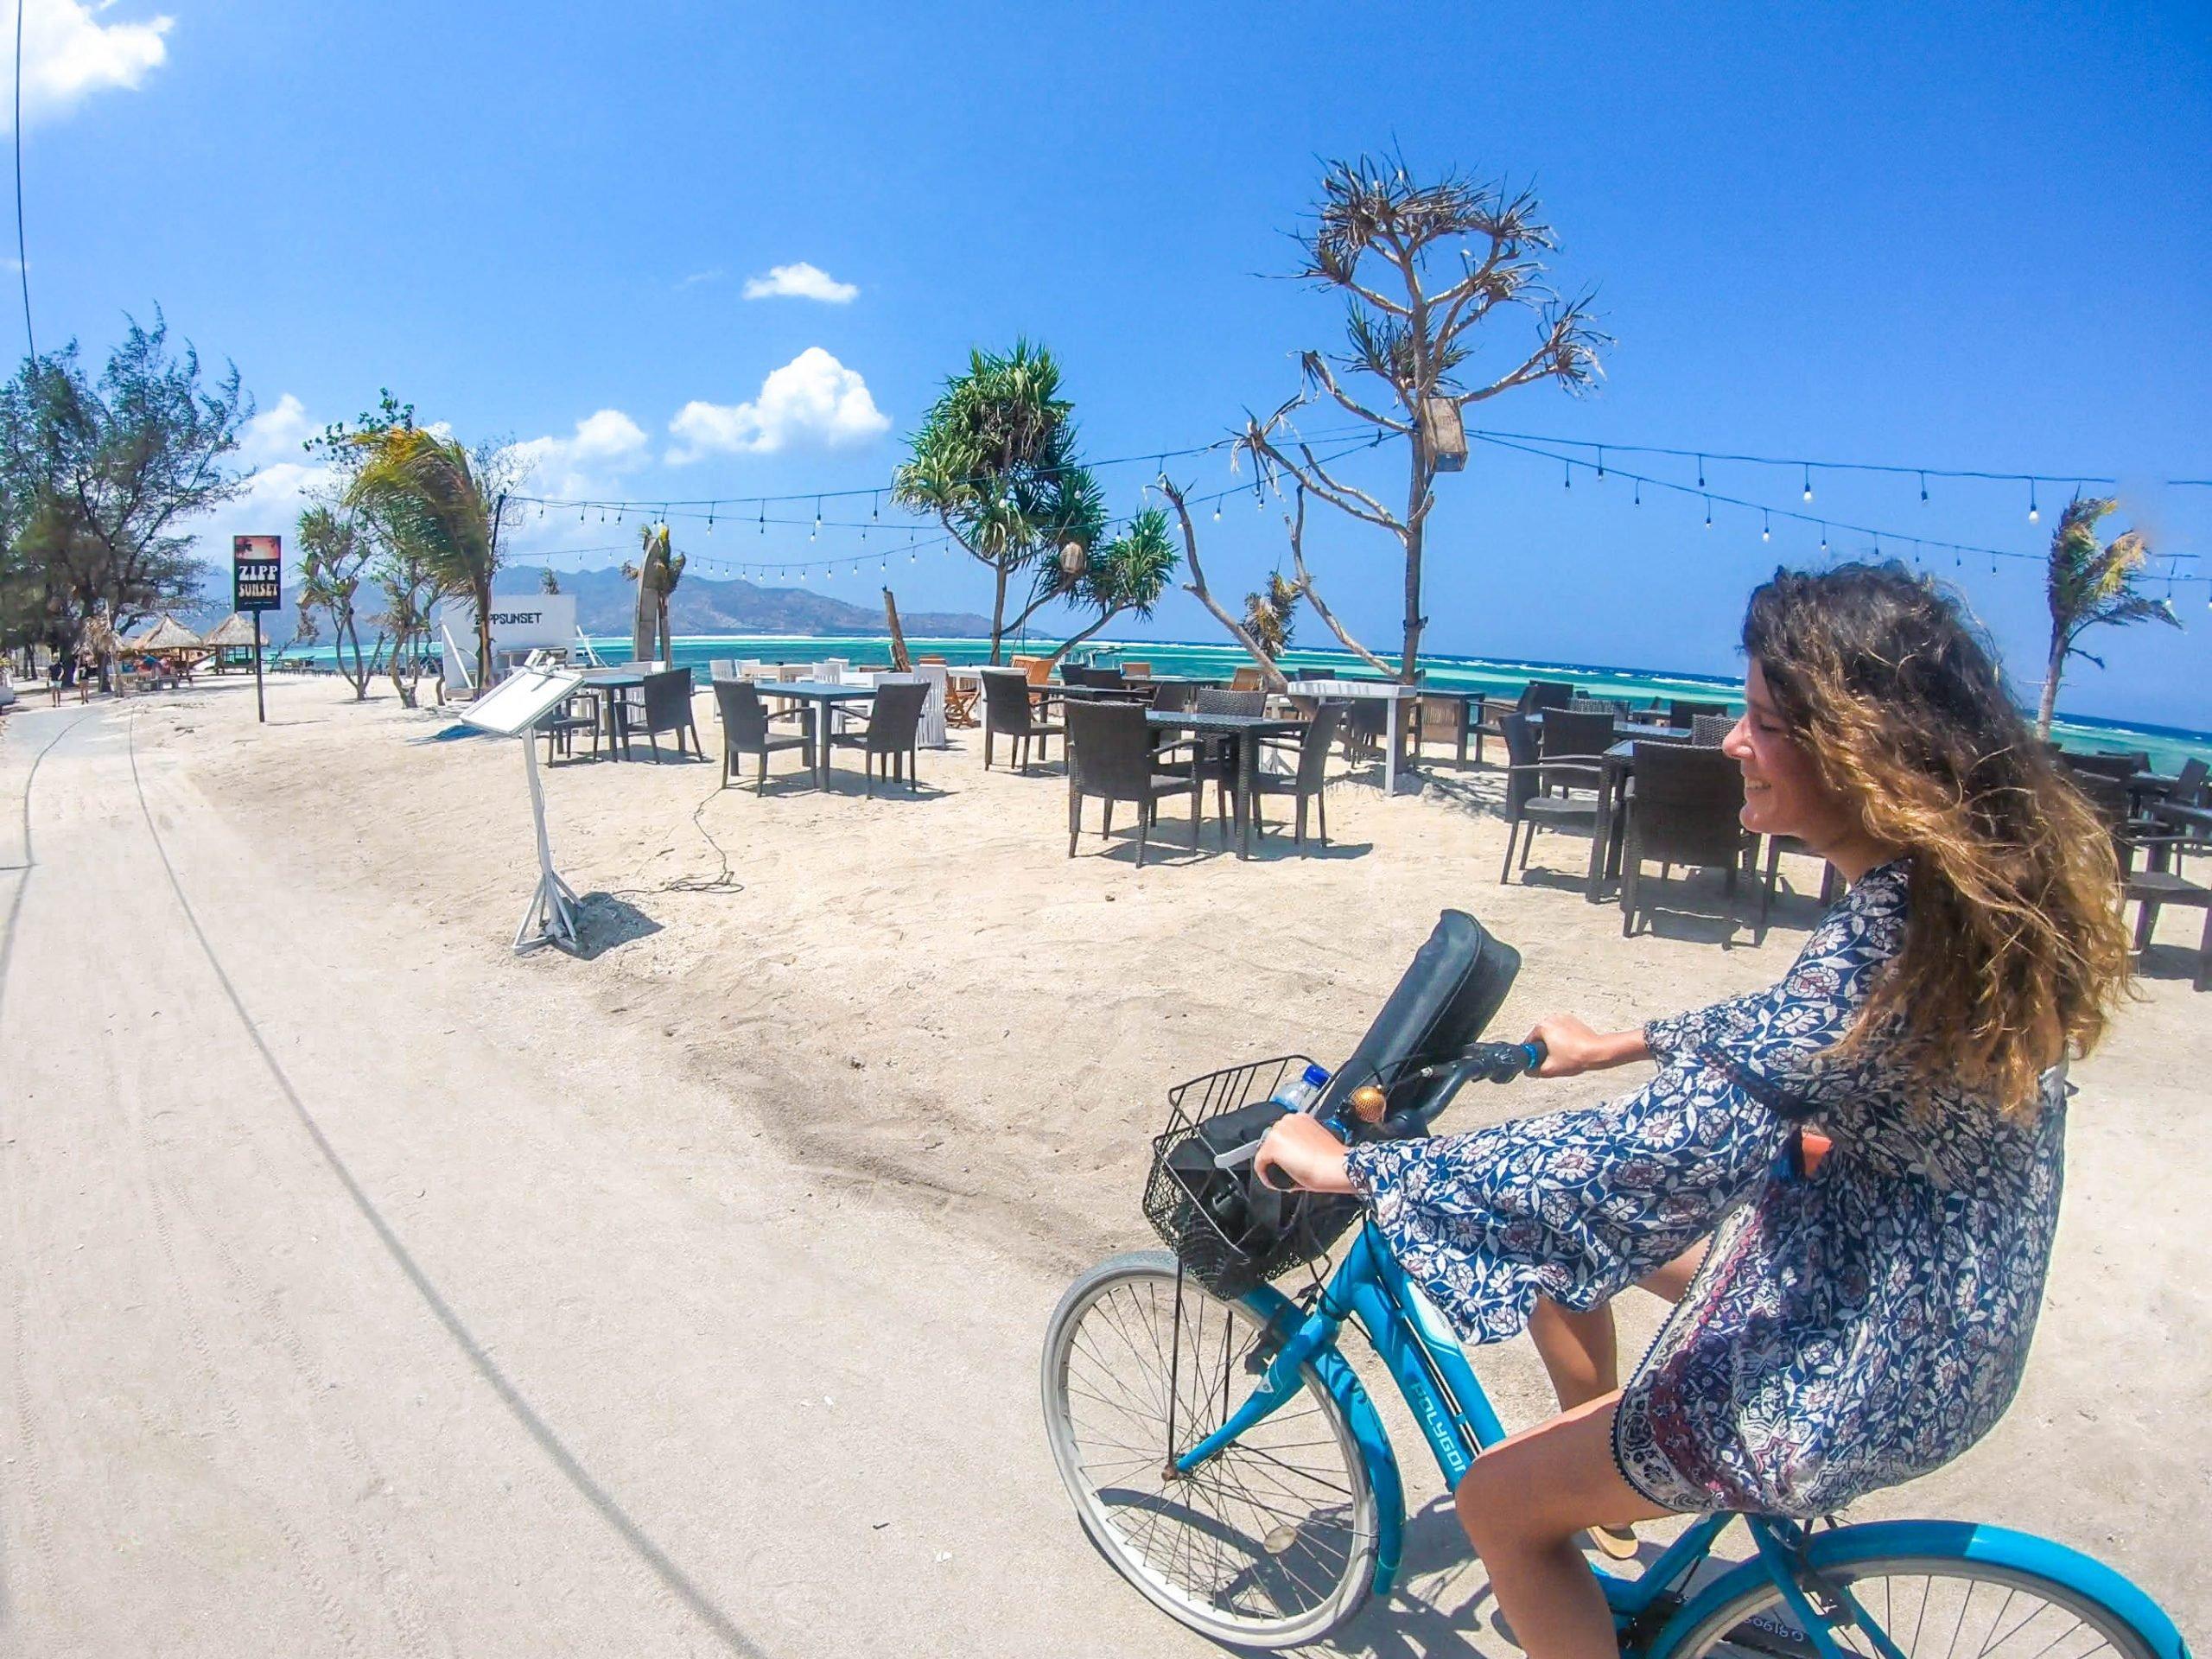 Recorre islas Gili en bicicleta - Indonesia